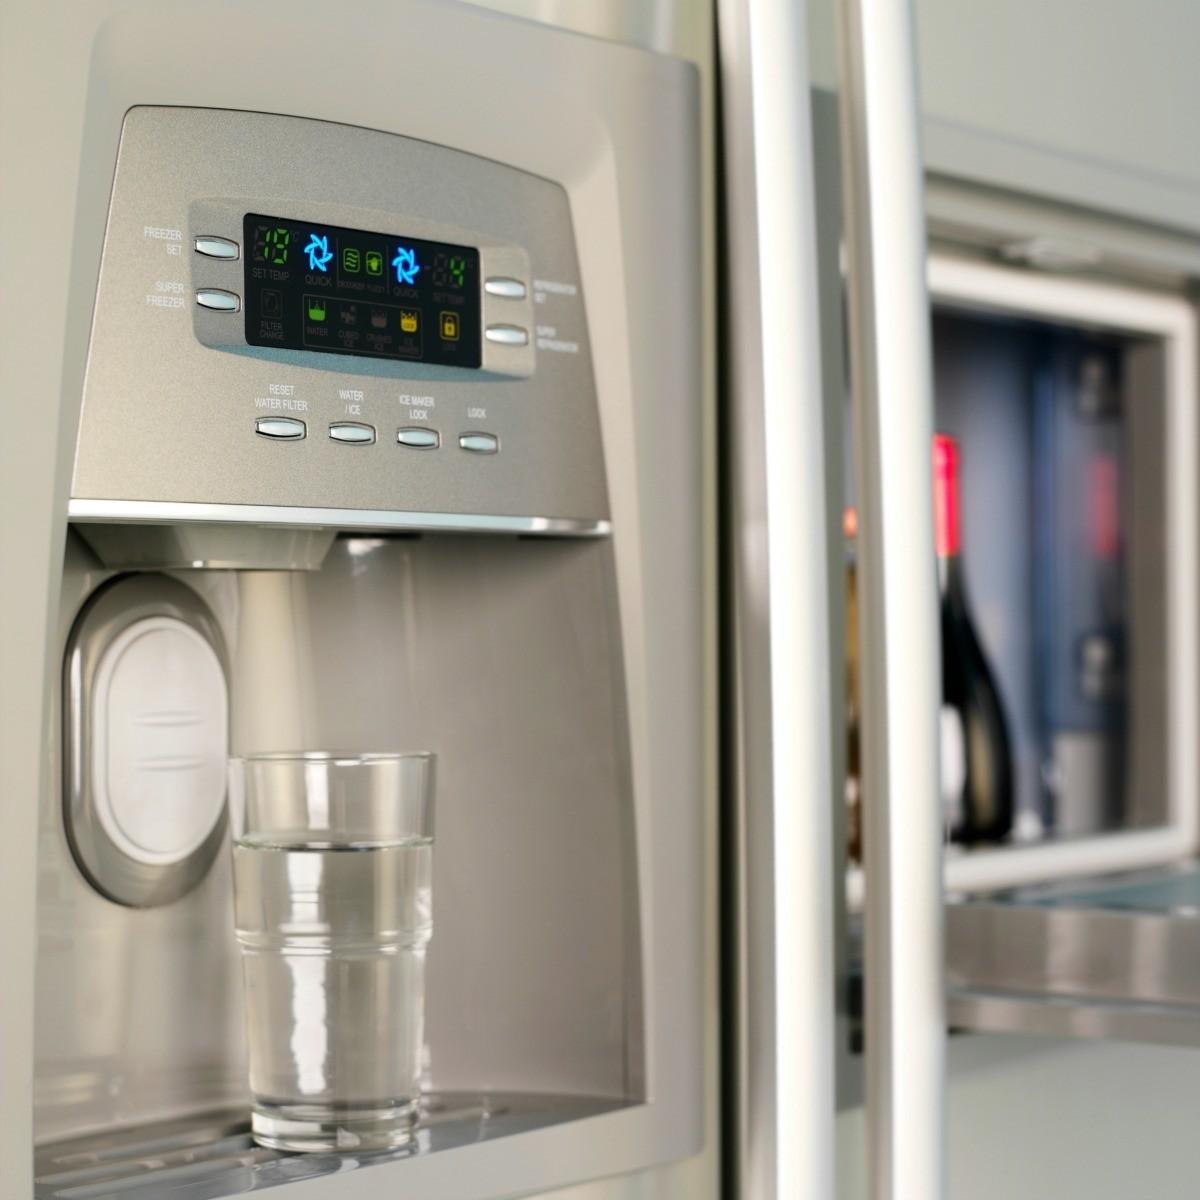 Repairing A Refrigerator S Water Dispenser Thriftyfun